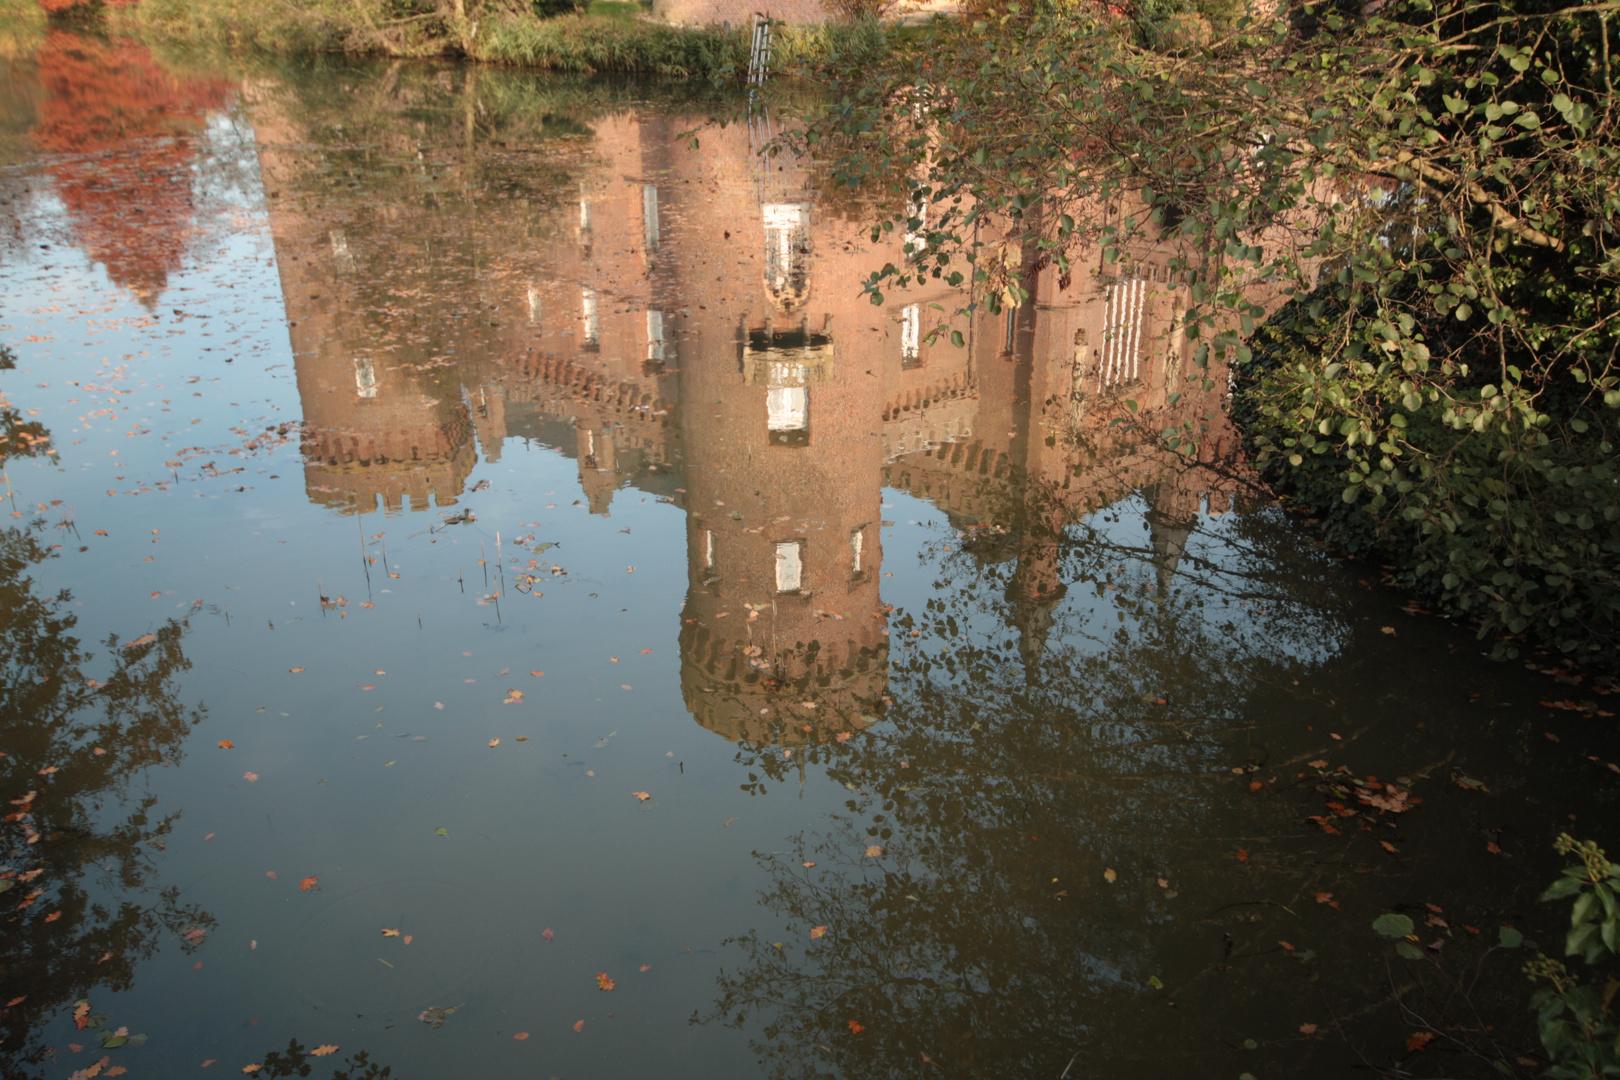 Schloss Moyland spiegelt sich im Wasser